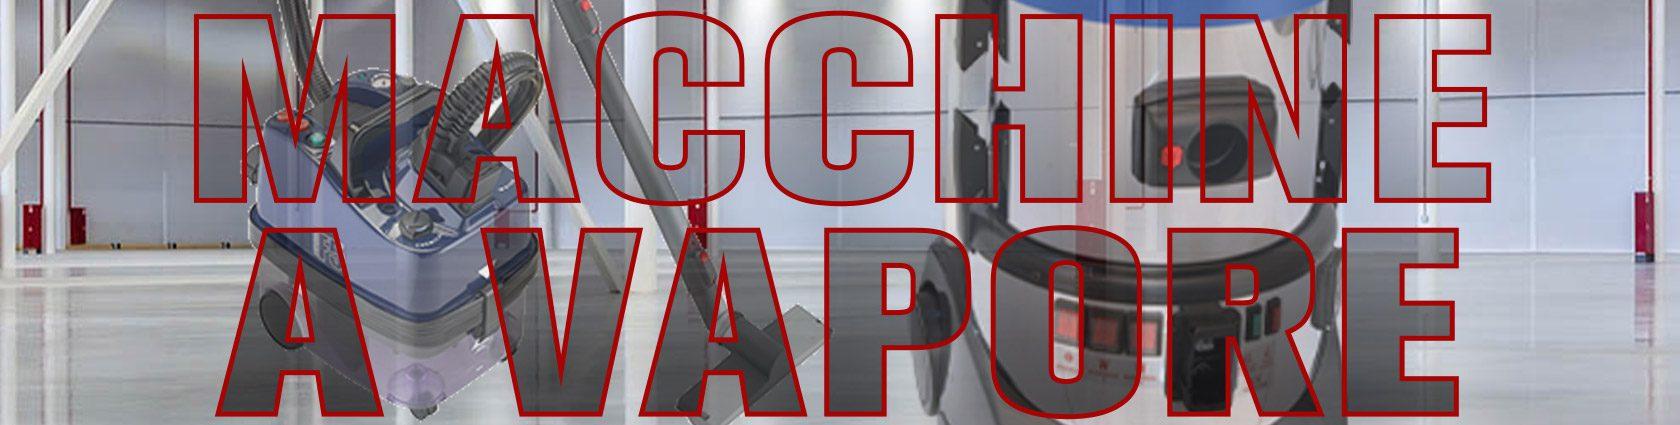 VAPORE_slide